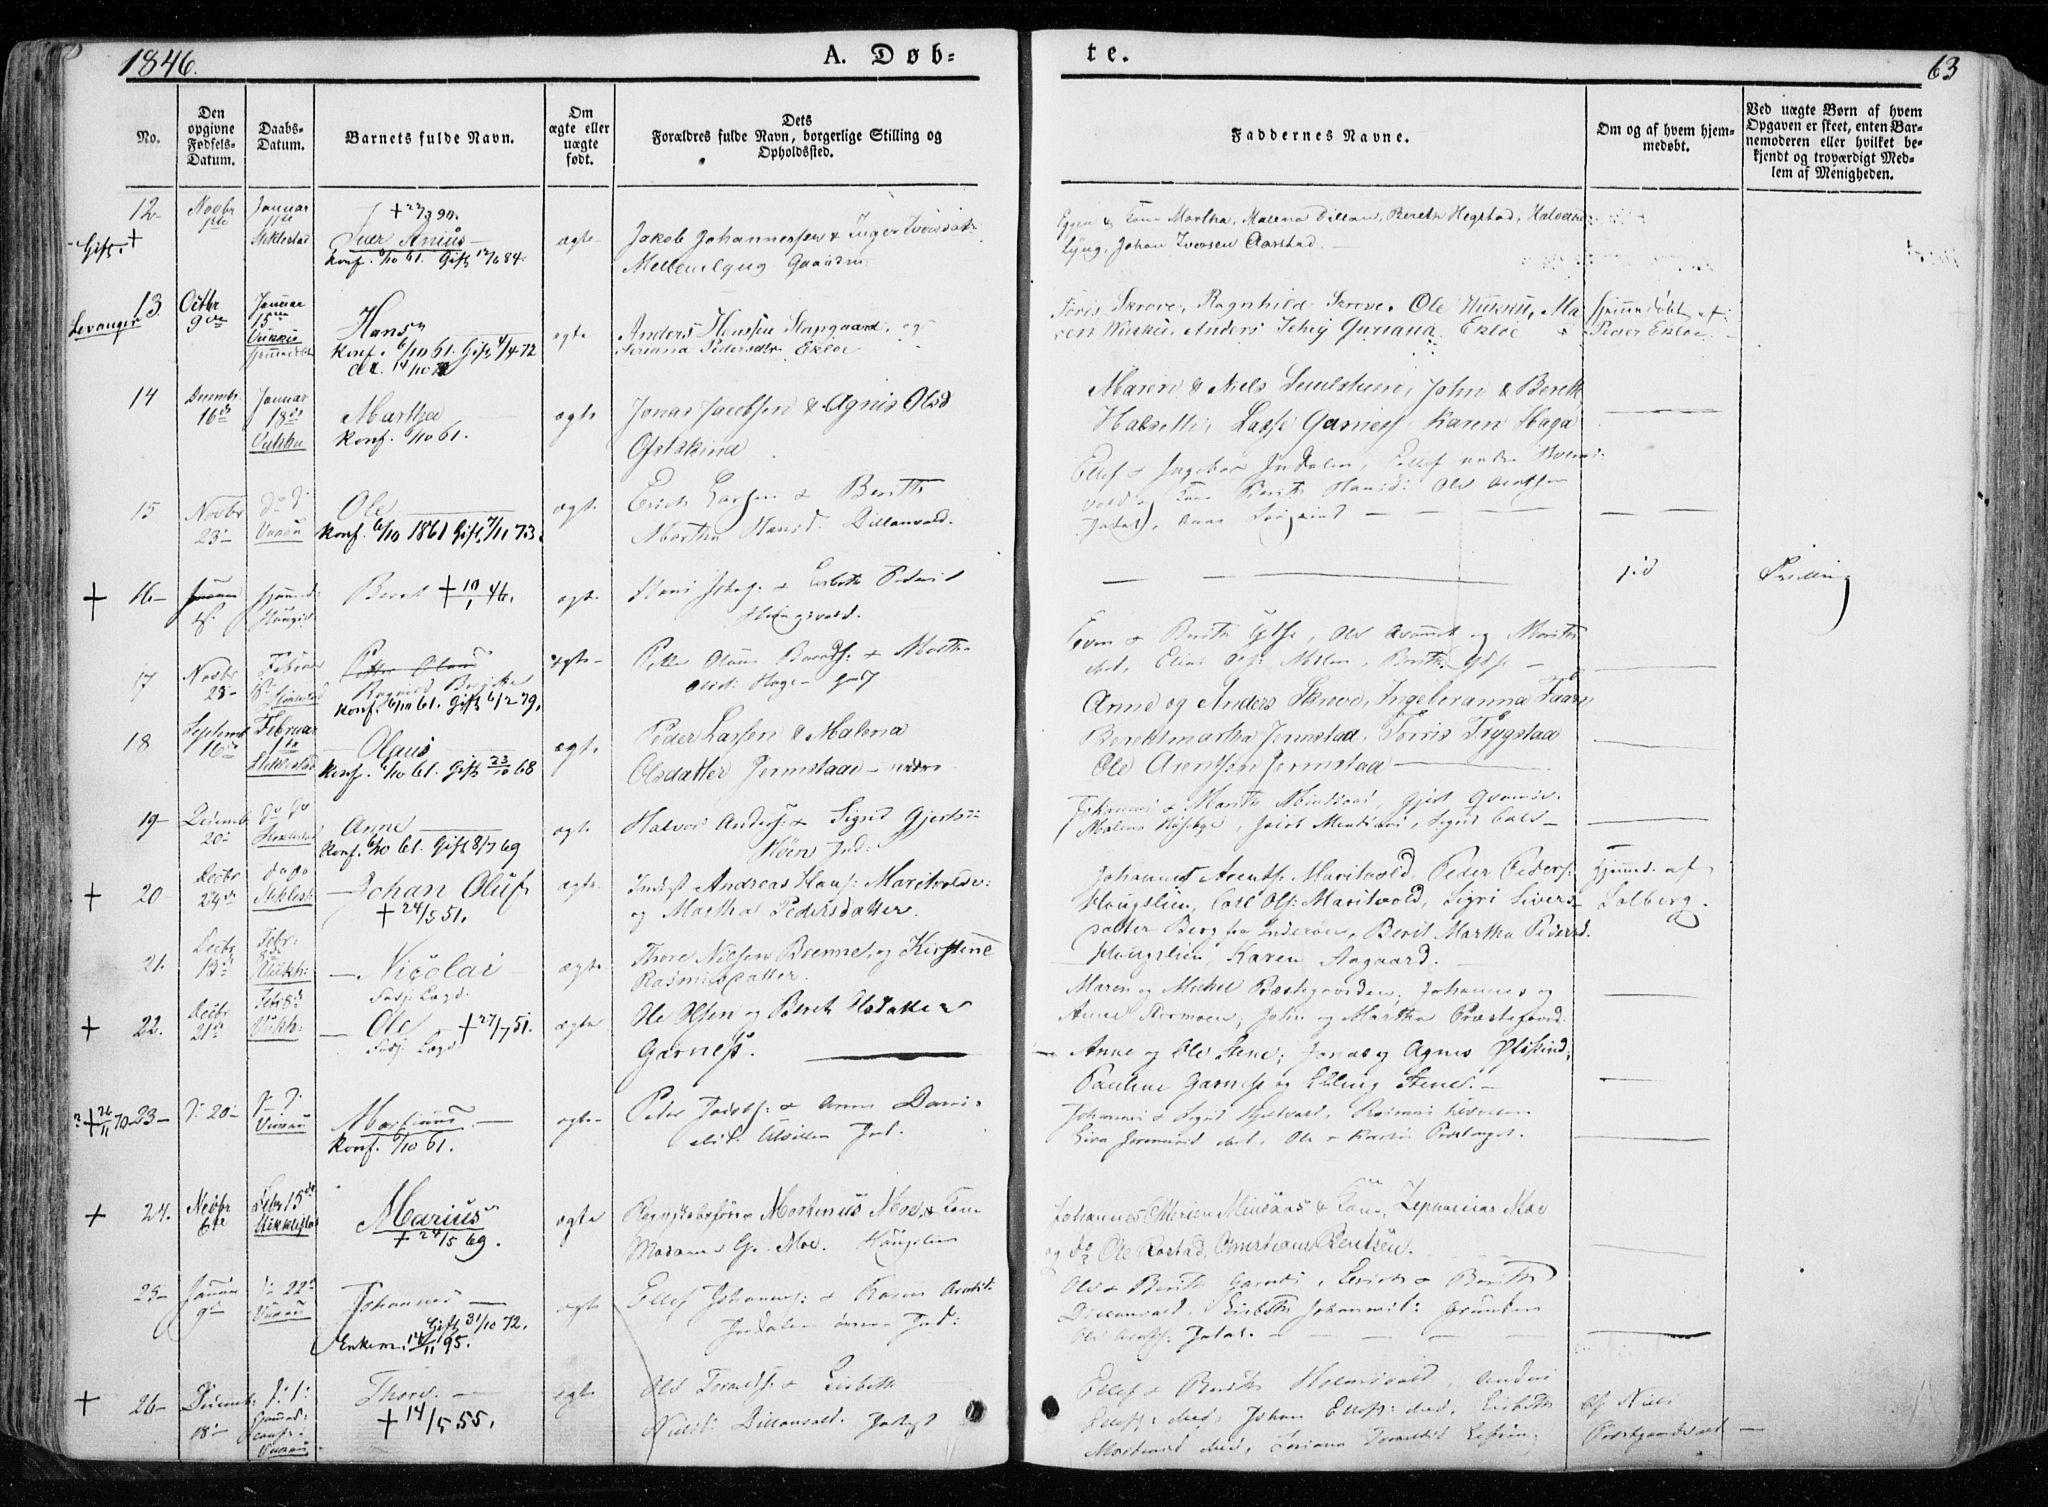 SAT, Ministerialprotokoller, klokkerbøker og fødselsregistre - Nord-Trøndelag, 723/L0239: Ministerialbok nr. 723A08, 1841-1851, s. 63